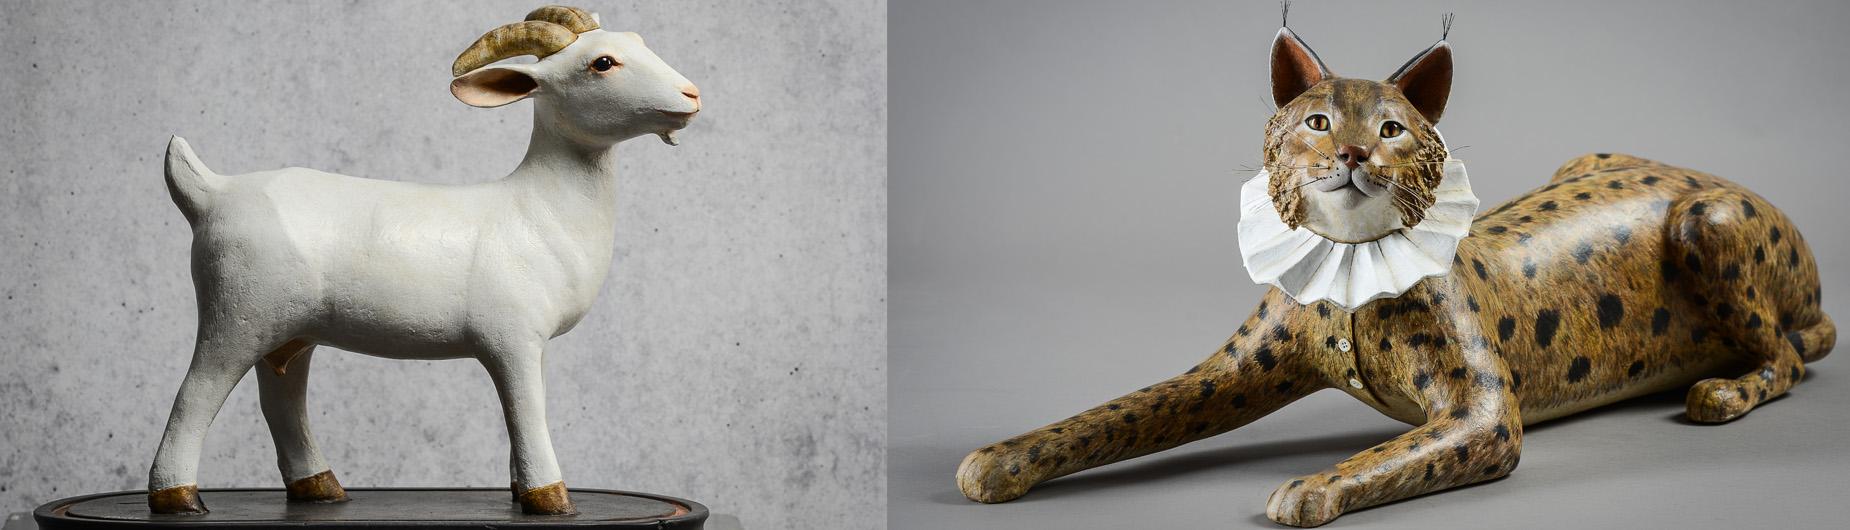 Audacieuse Papier Mâché ~ Mélanie Bourlon, artiste ~ Sculptures, Stages CW-27